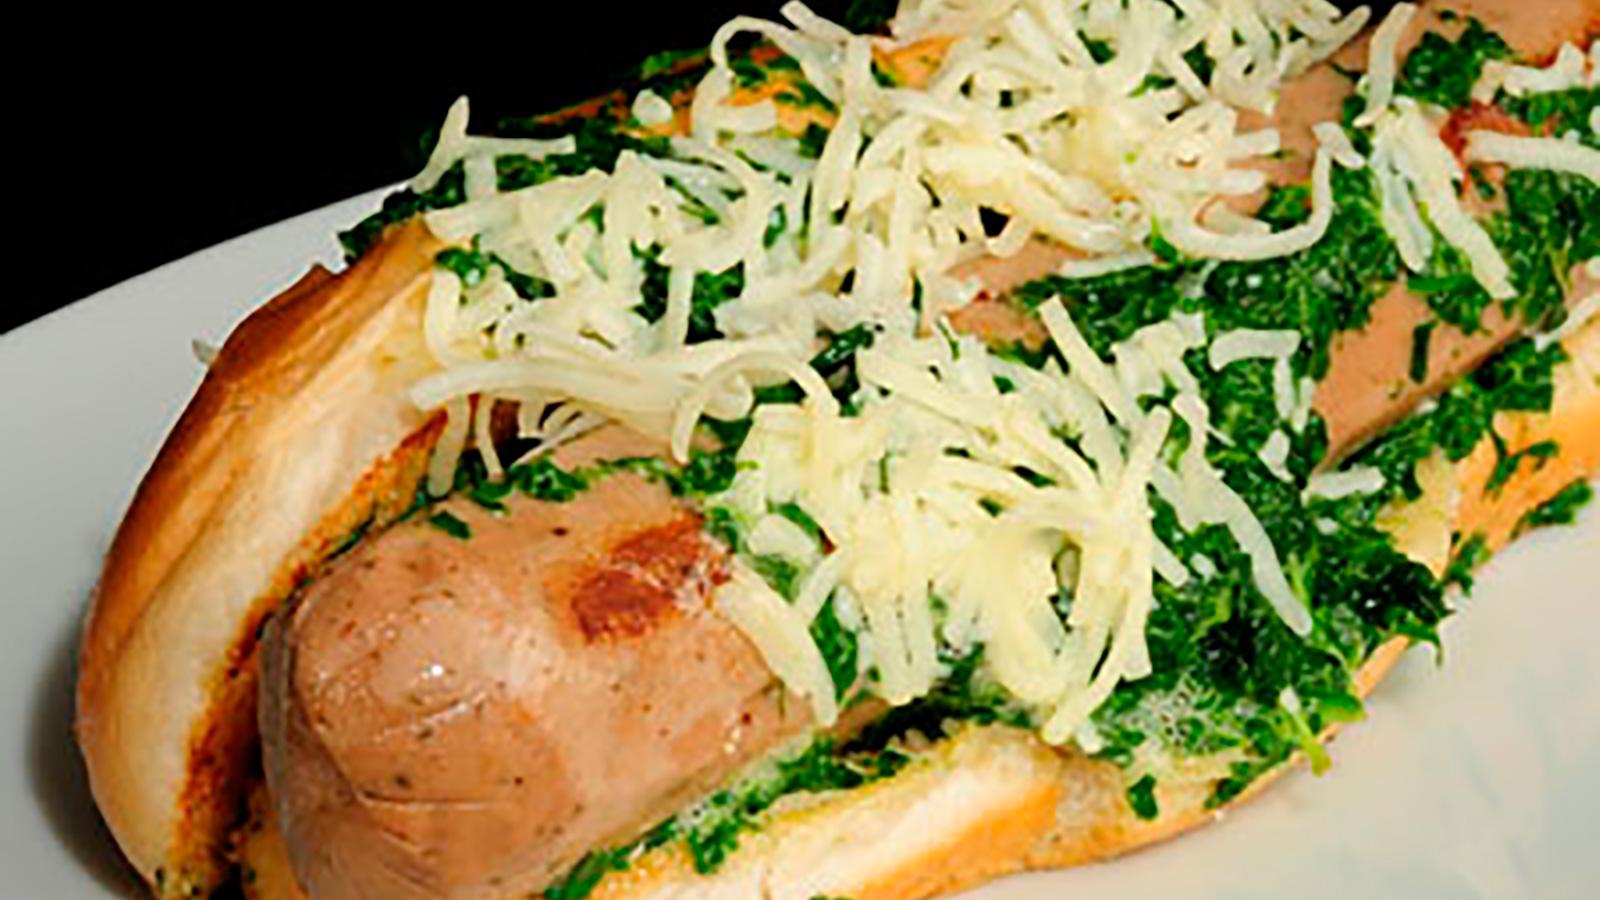 Perrito de espinacas y salchichas alemanas diana cabrera for Diana cabrera canal cocina